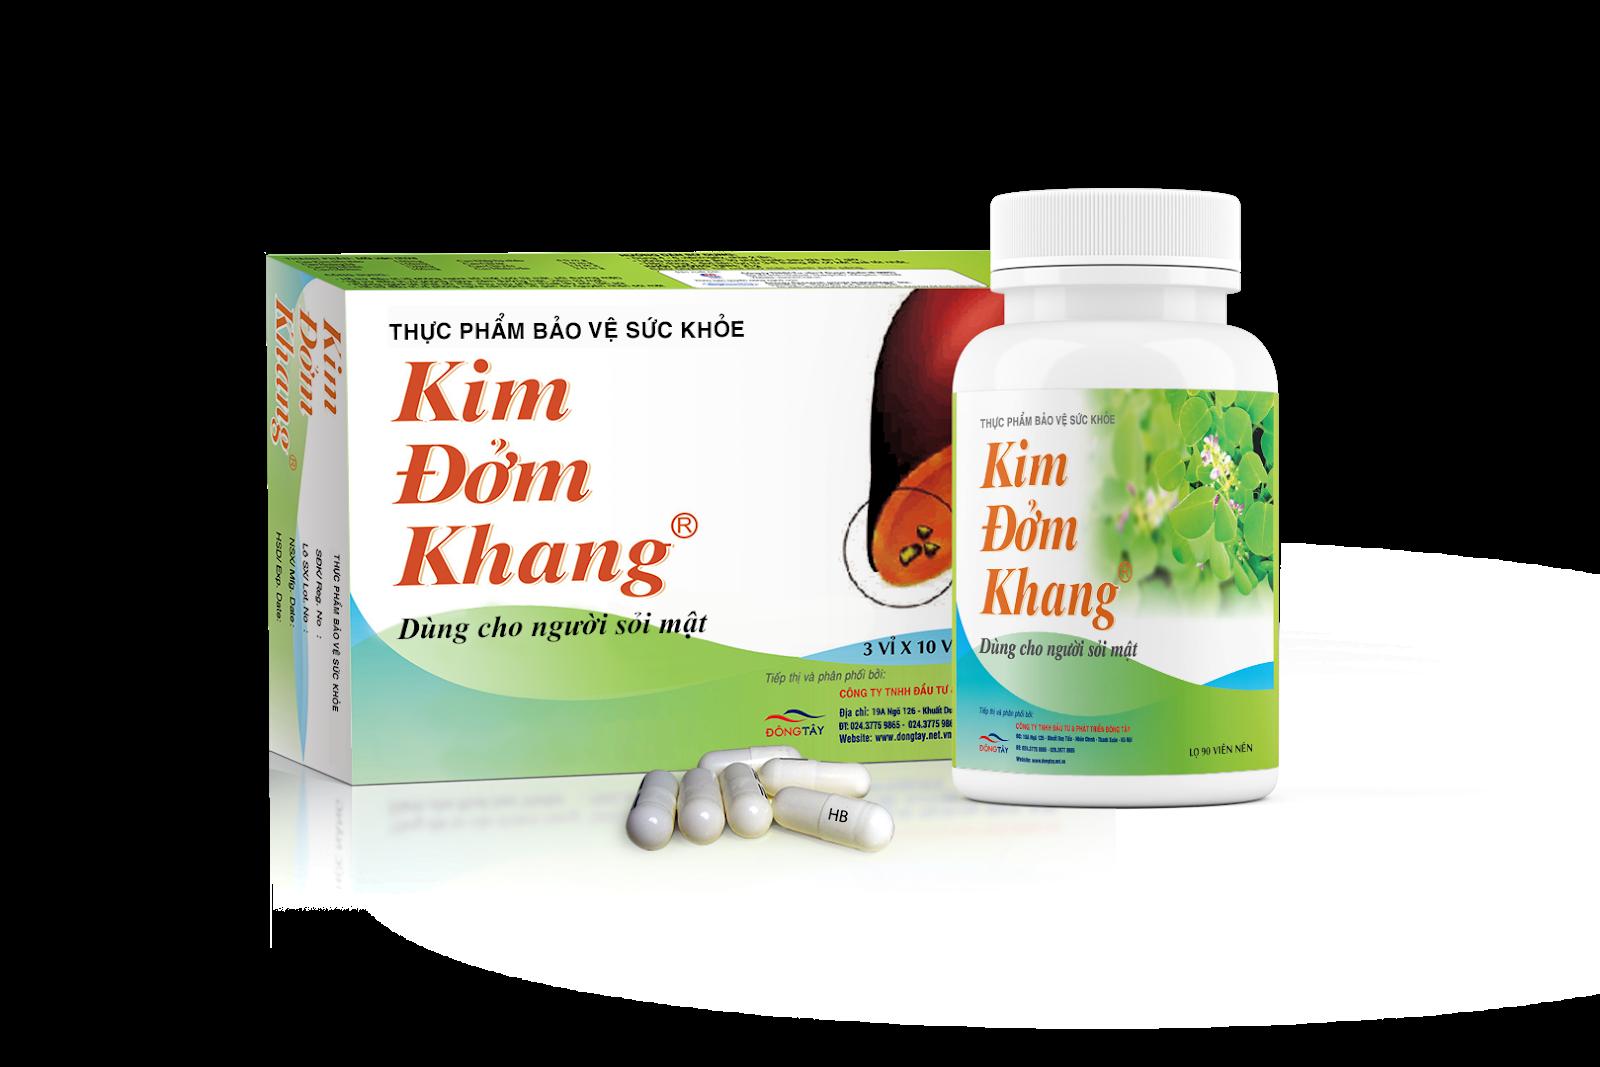 TPCN Kim Đởm Khang - Giải pháp toàn diện giúp bài sỏi mật, sỏi gan